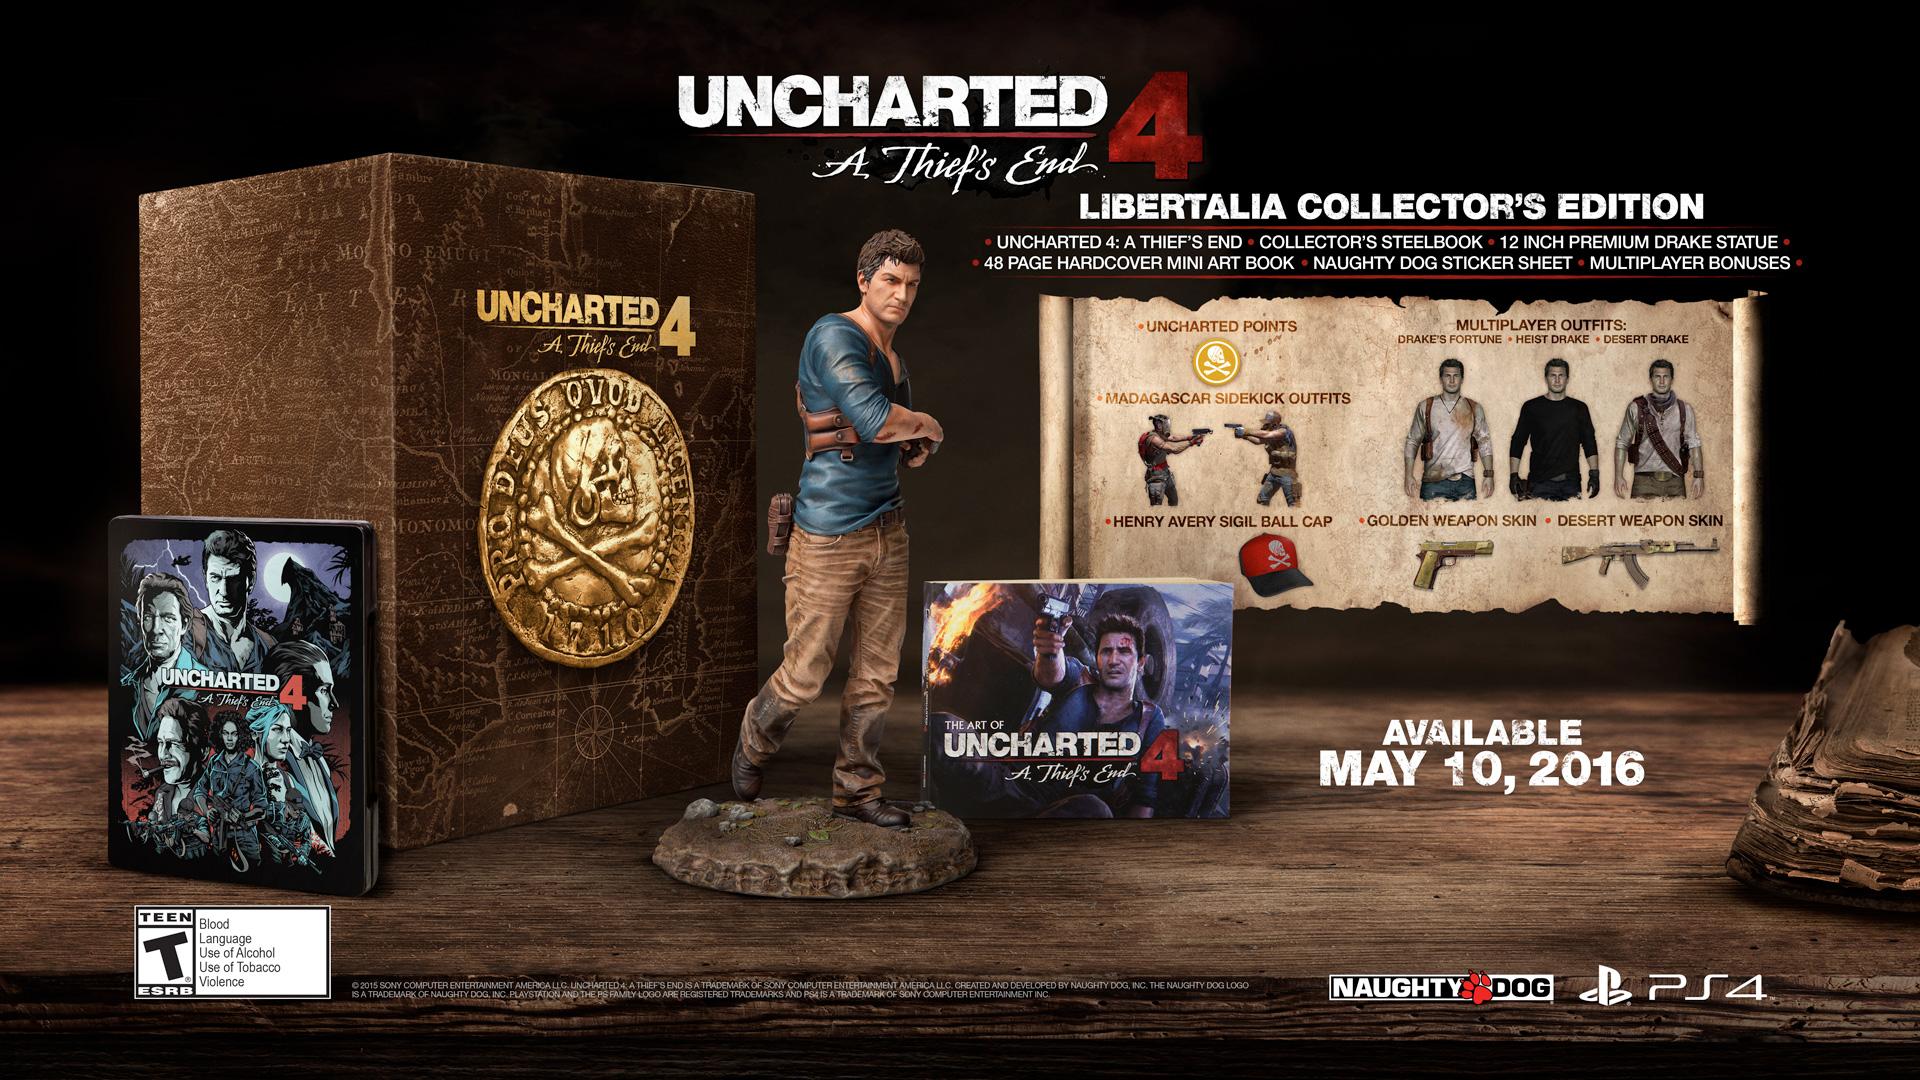 Libertalia Collector's Edition